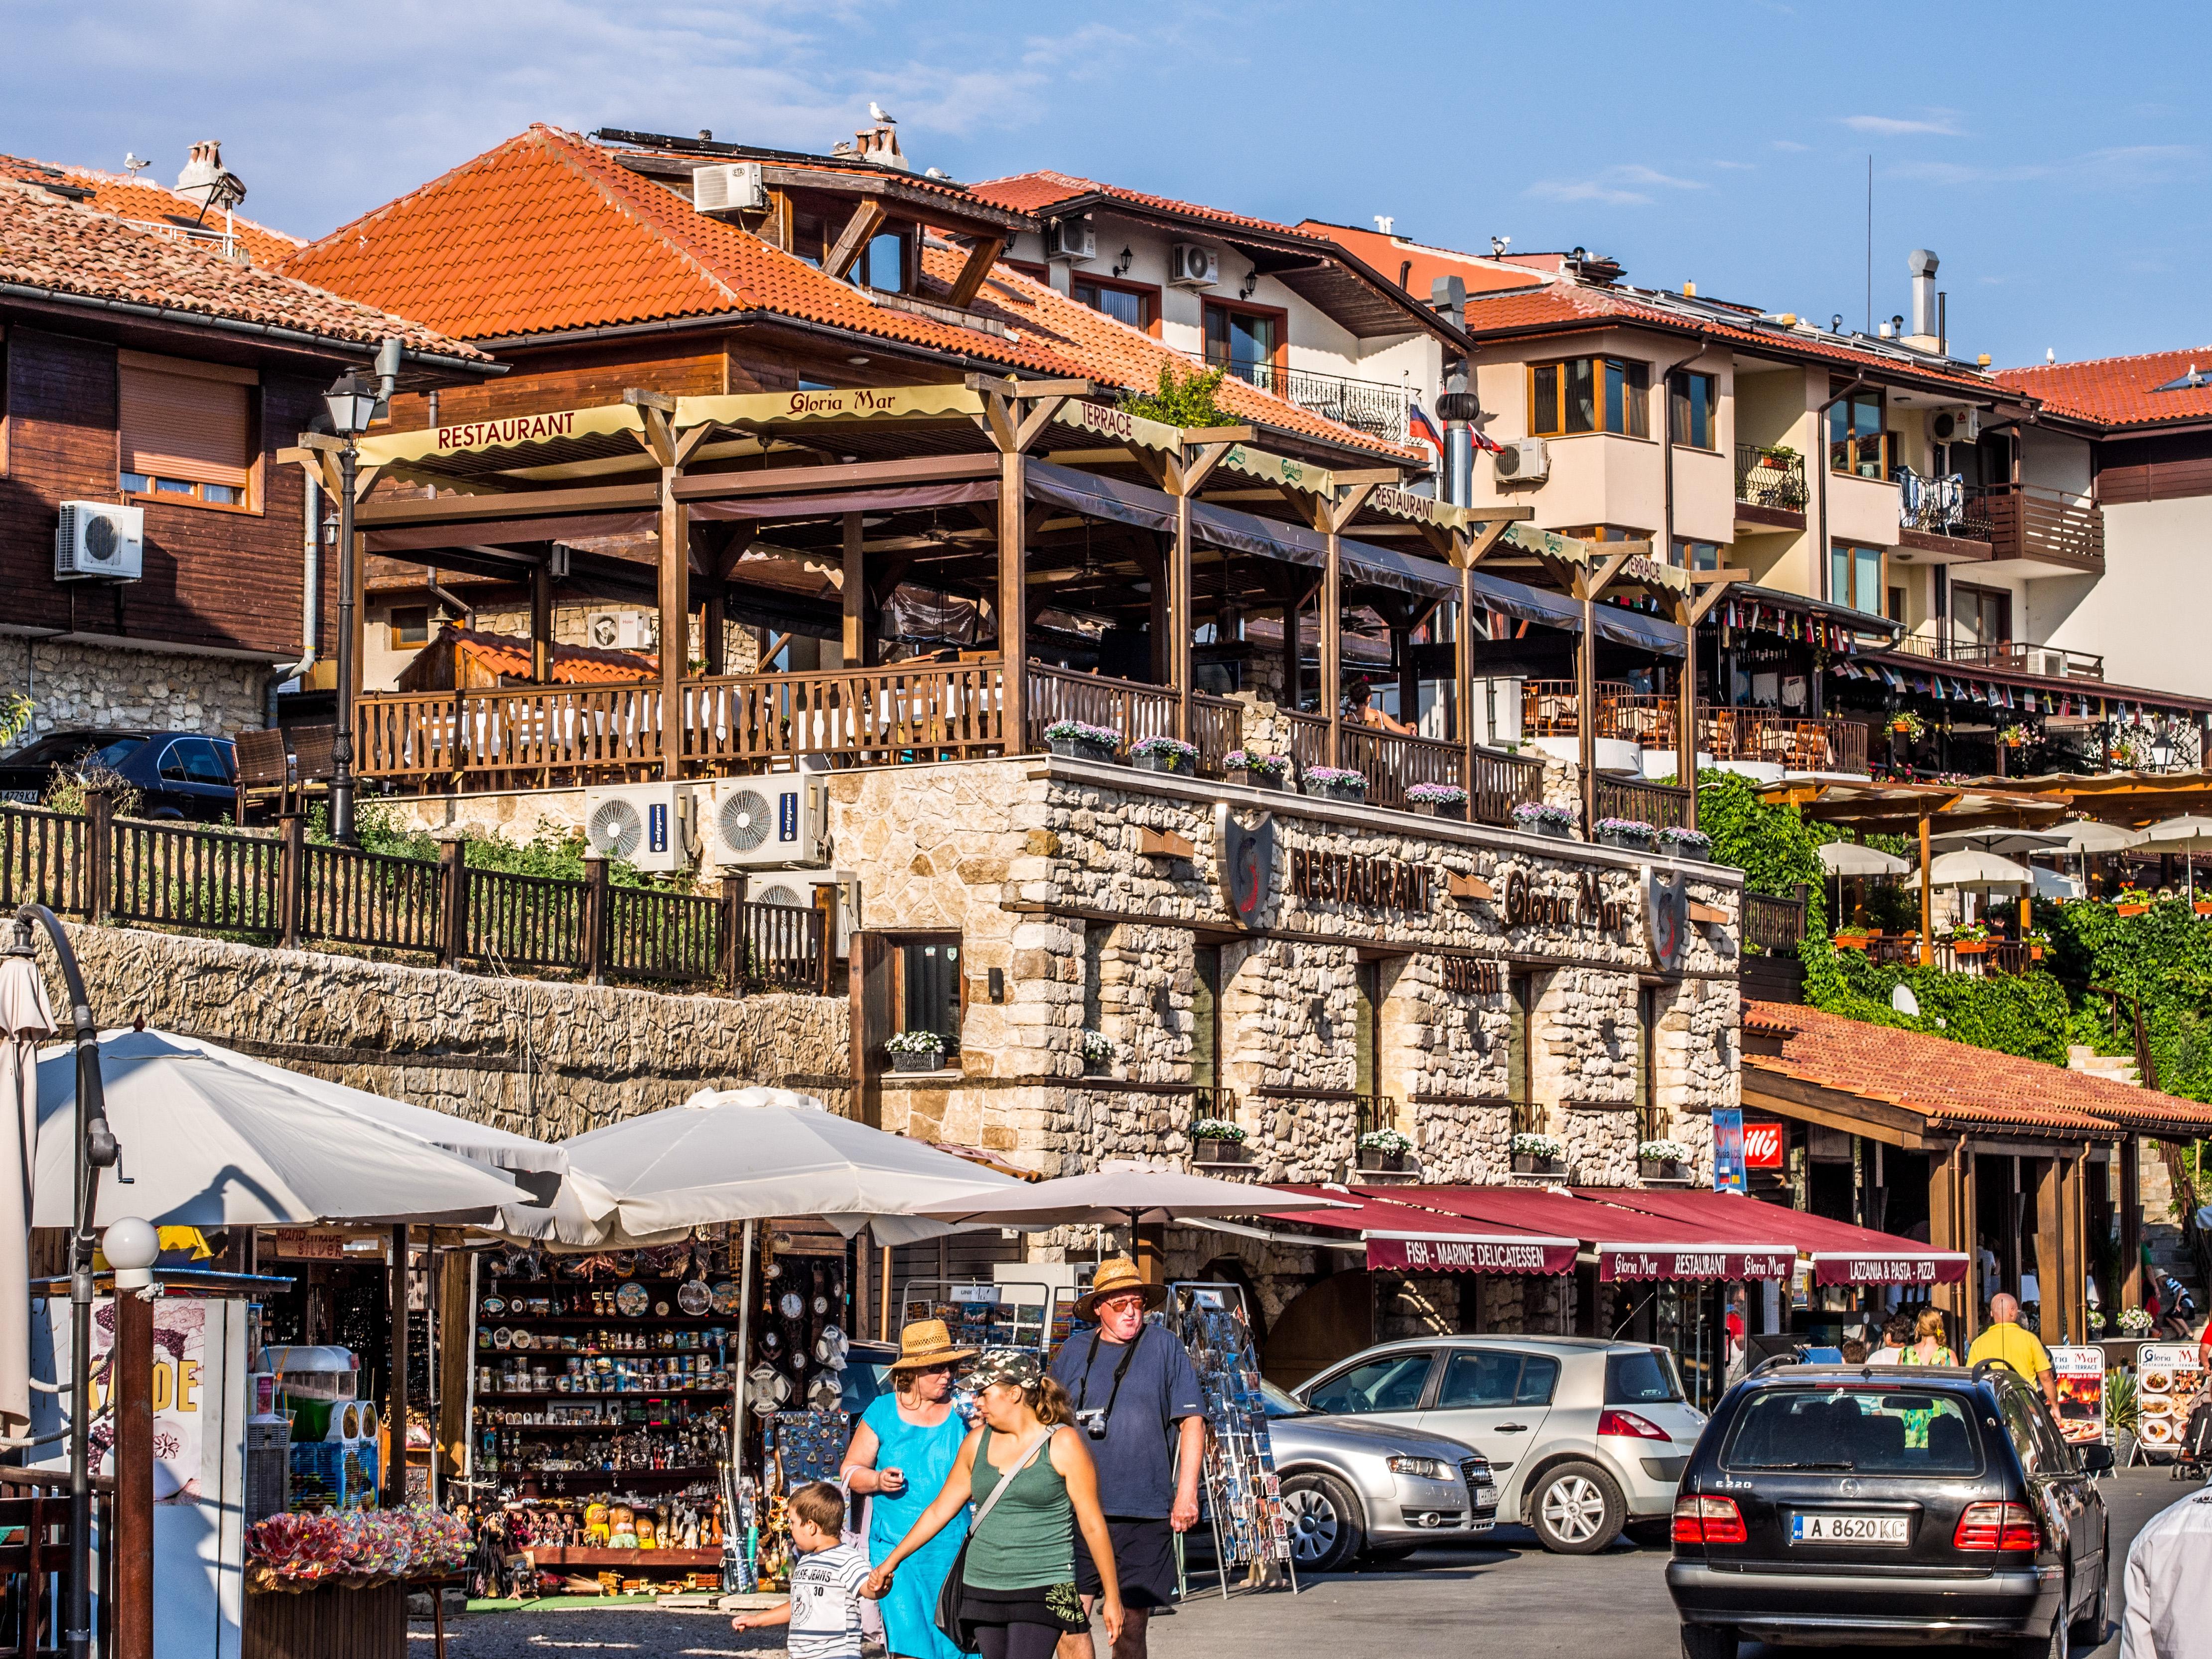 Nessebar Bulgaria  city images : Description Nessebar, Bulgaria 9330454068